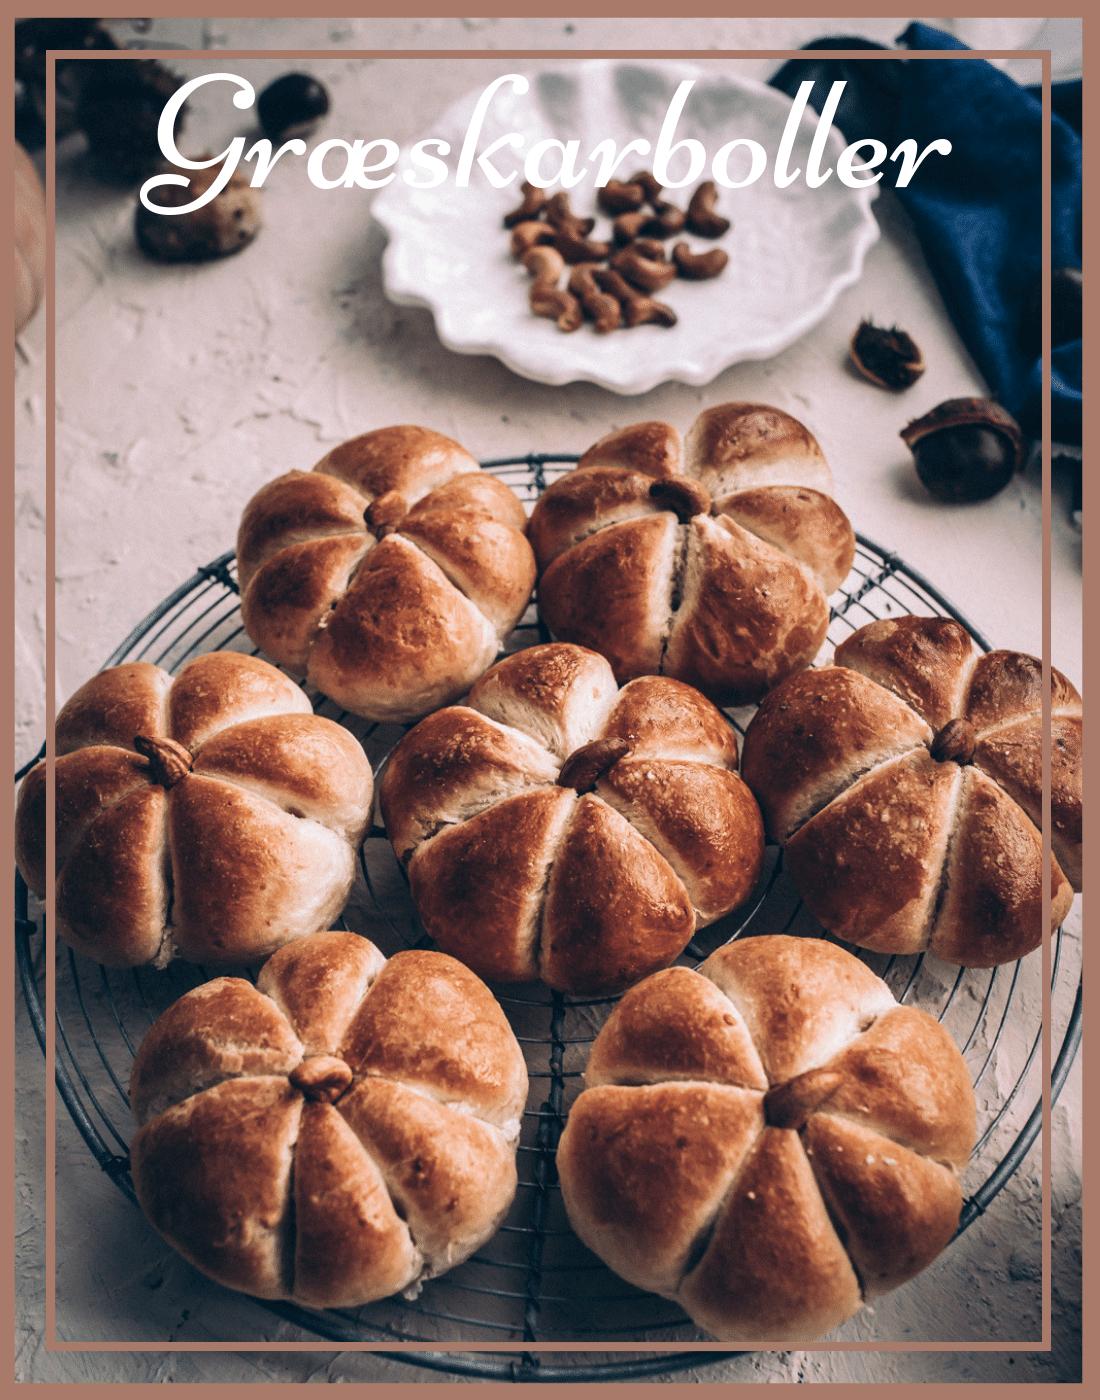 græskarboller, græskar brød, mini græskar, morgenboller